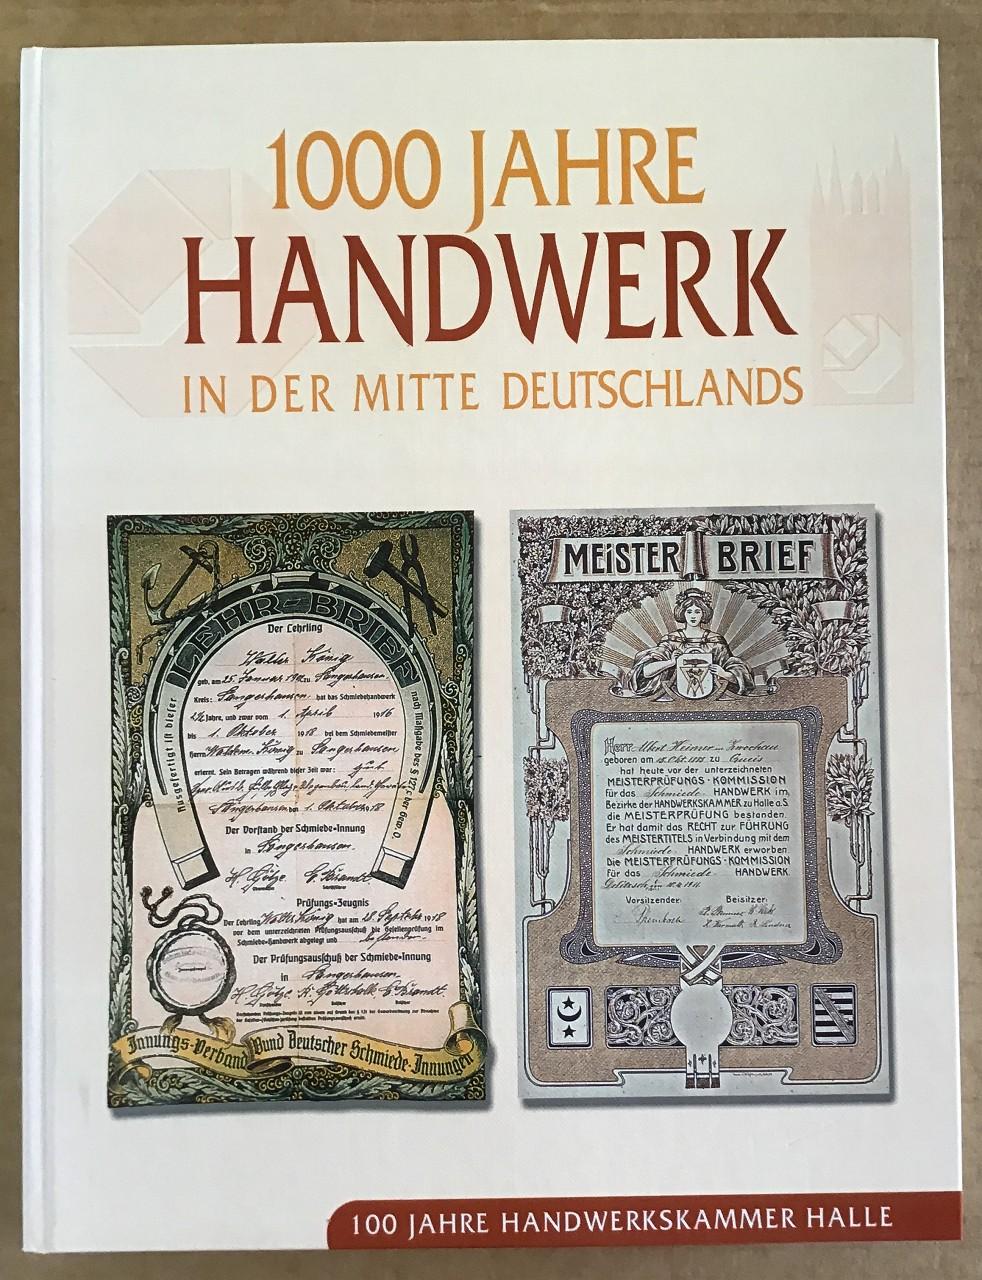 1000 Jahre Handwerk in der Mitte Deutschlands : 100 Jahre Handwerkskammer Halle. Dalchow Aufl. 650 Exemplare